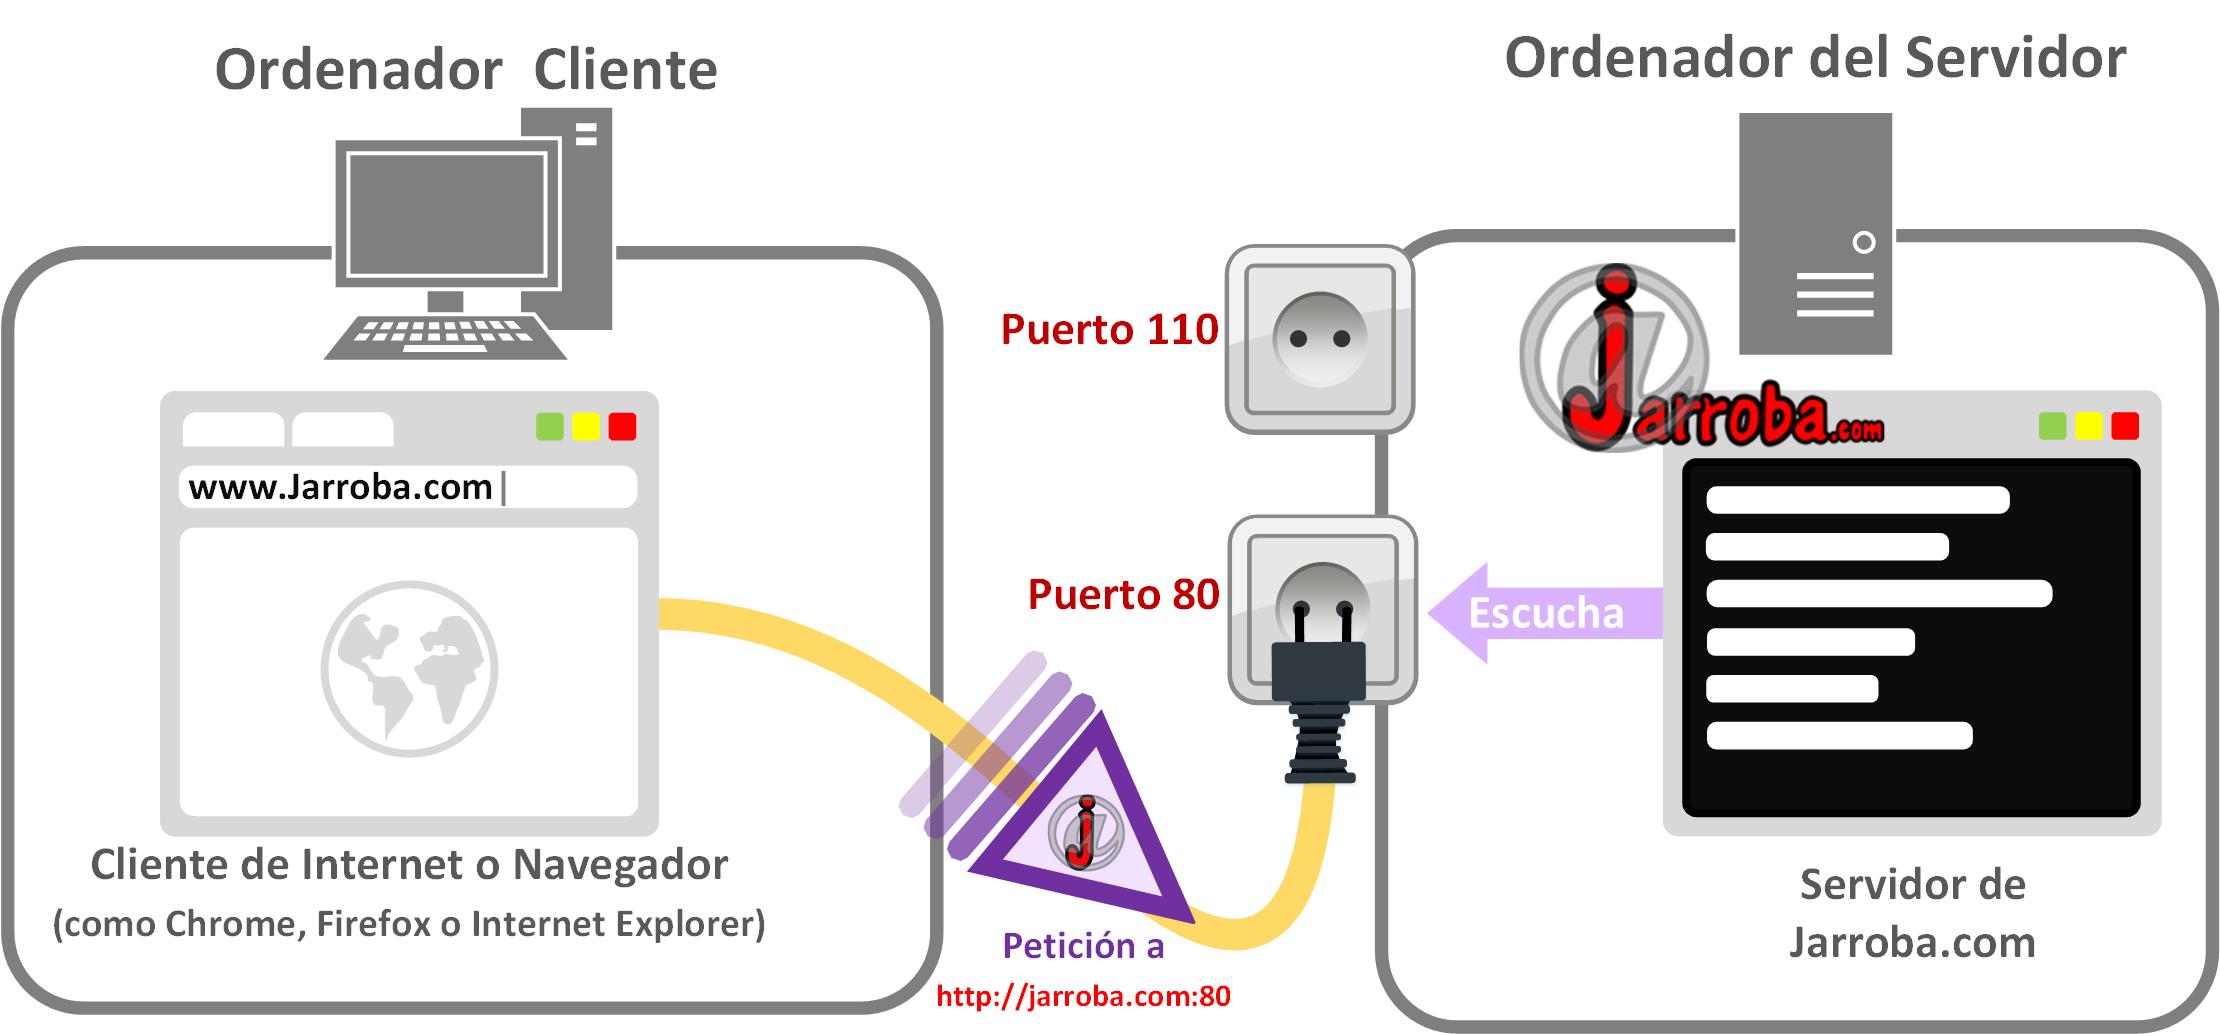 Peticion de Cliente a Servidor - www.Jarroba.com